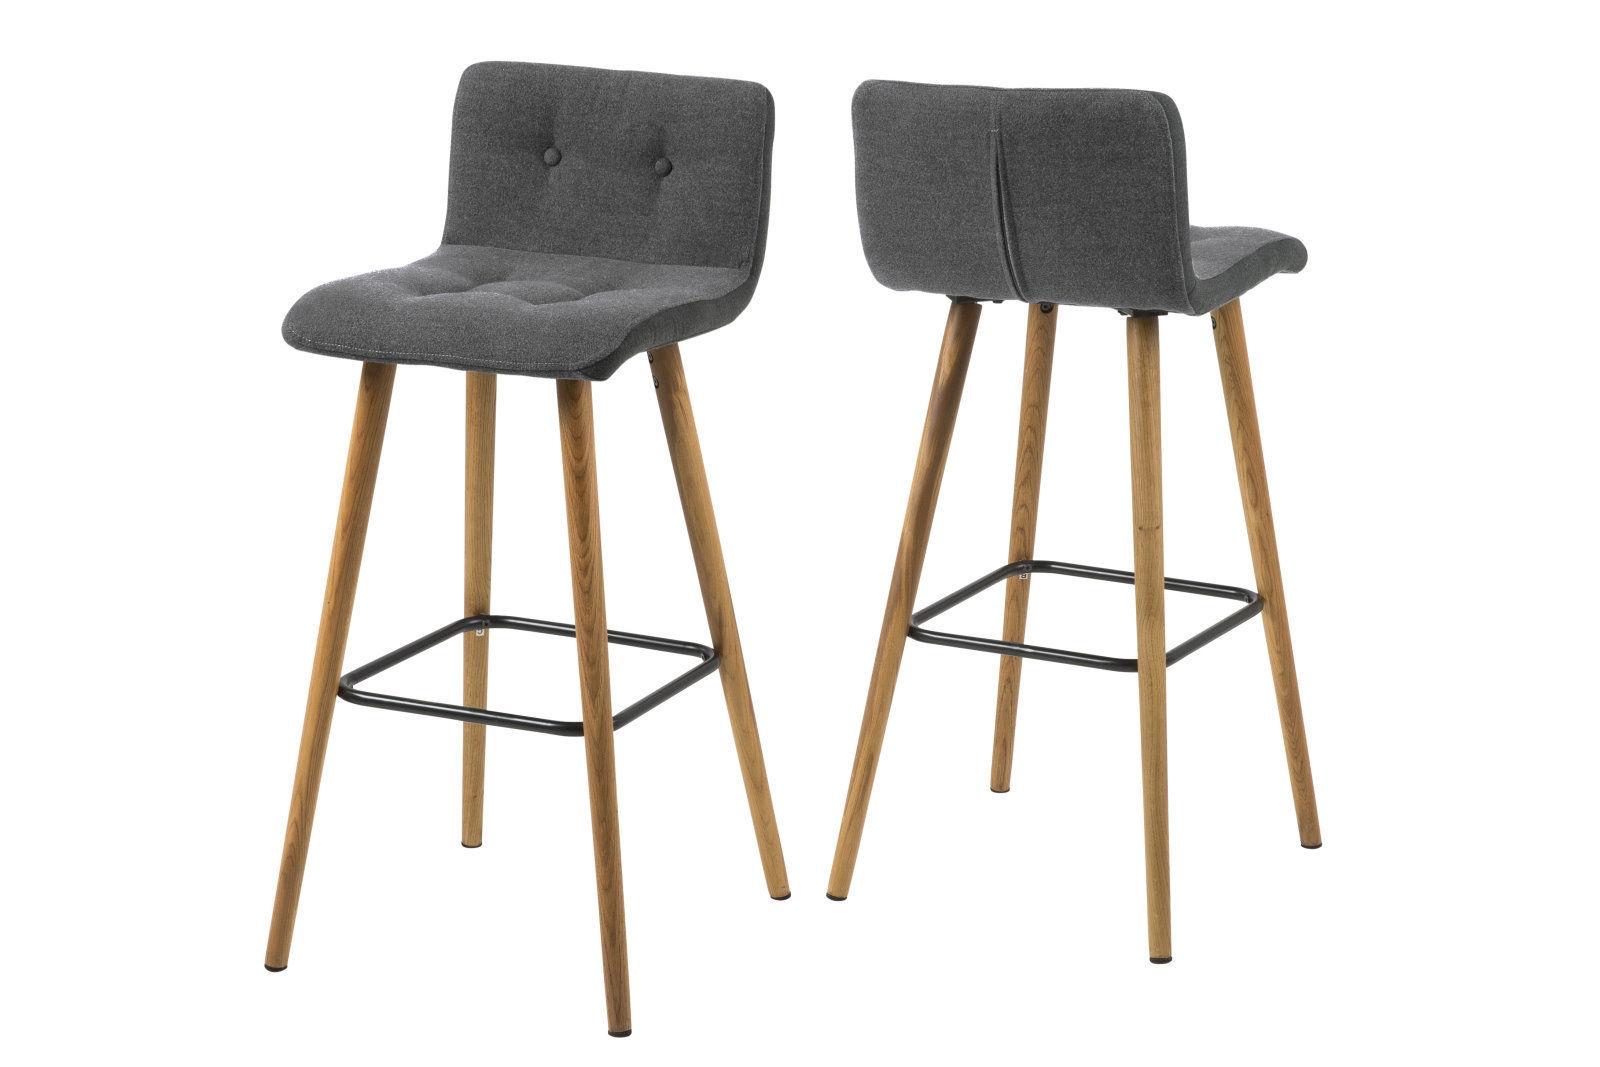 2x pkline barhocker grau barstuhl tresenhocker bar stuhl for Stuhl hocker